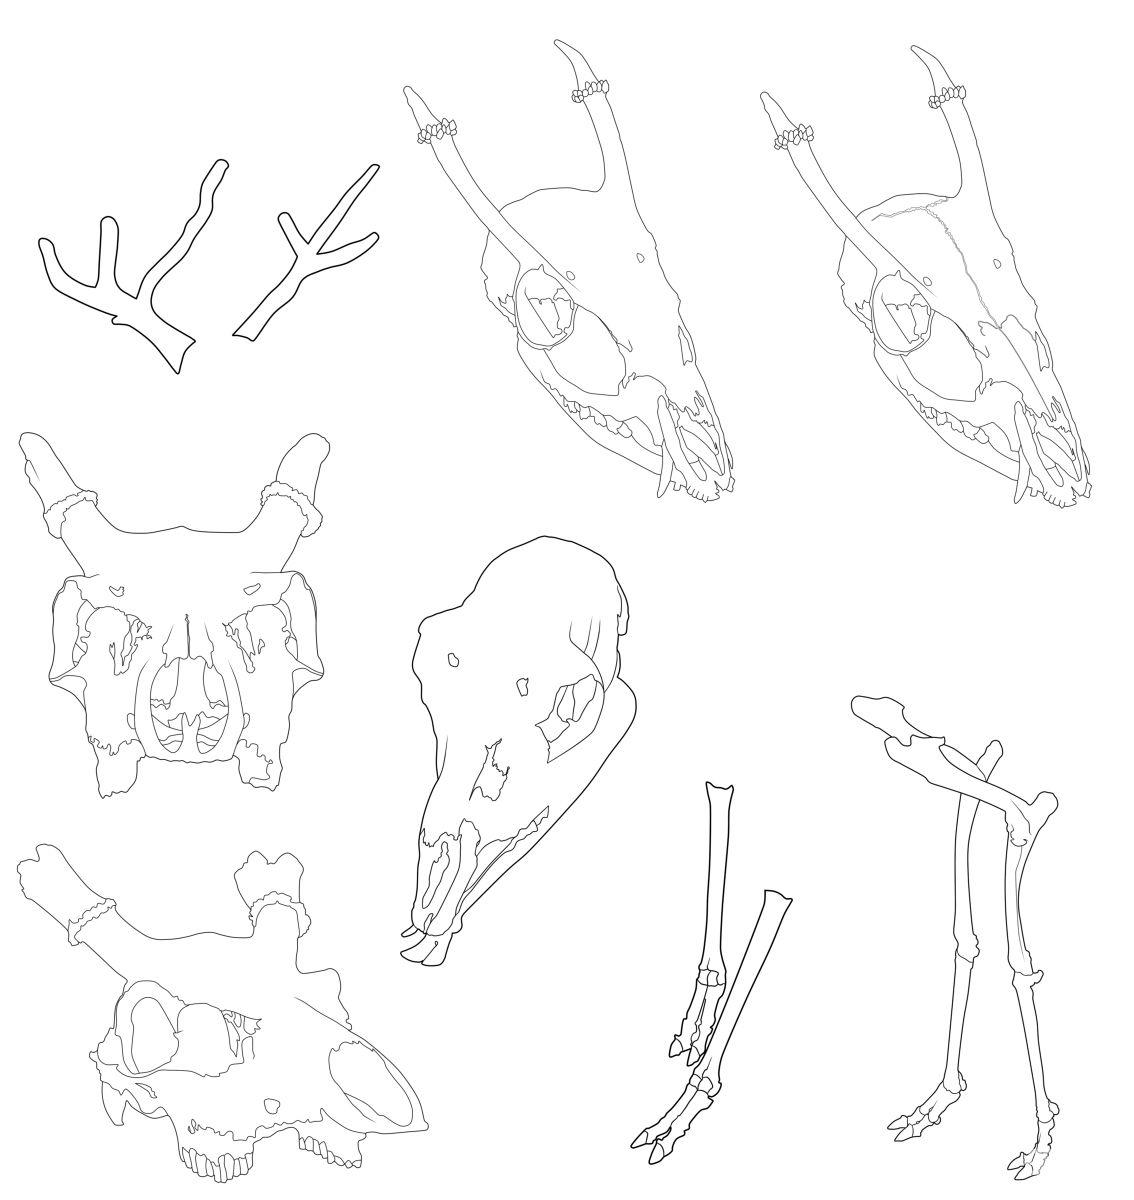 动物骨骼线稿素材 - 优动漫